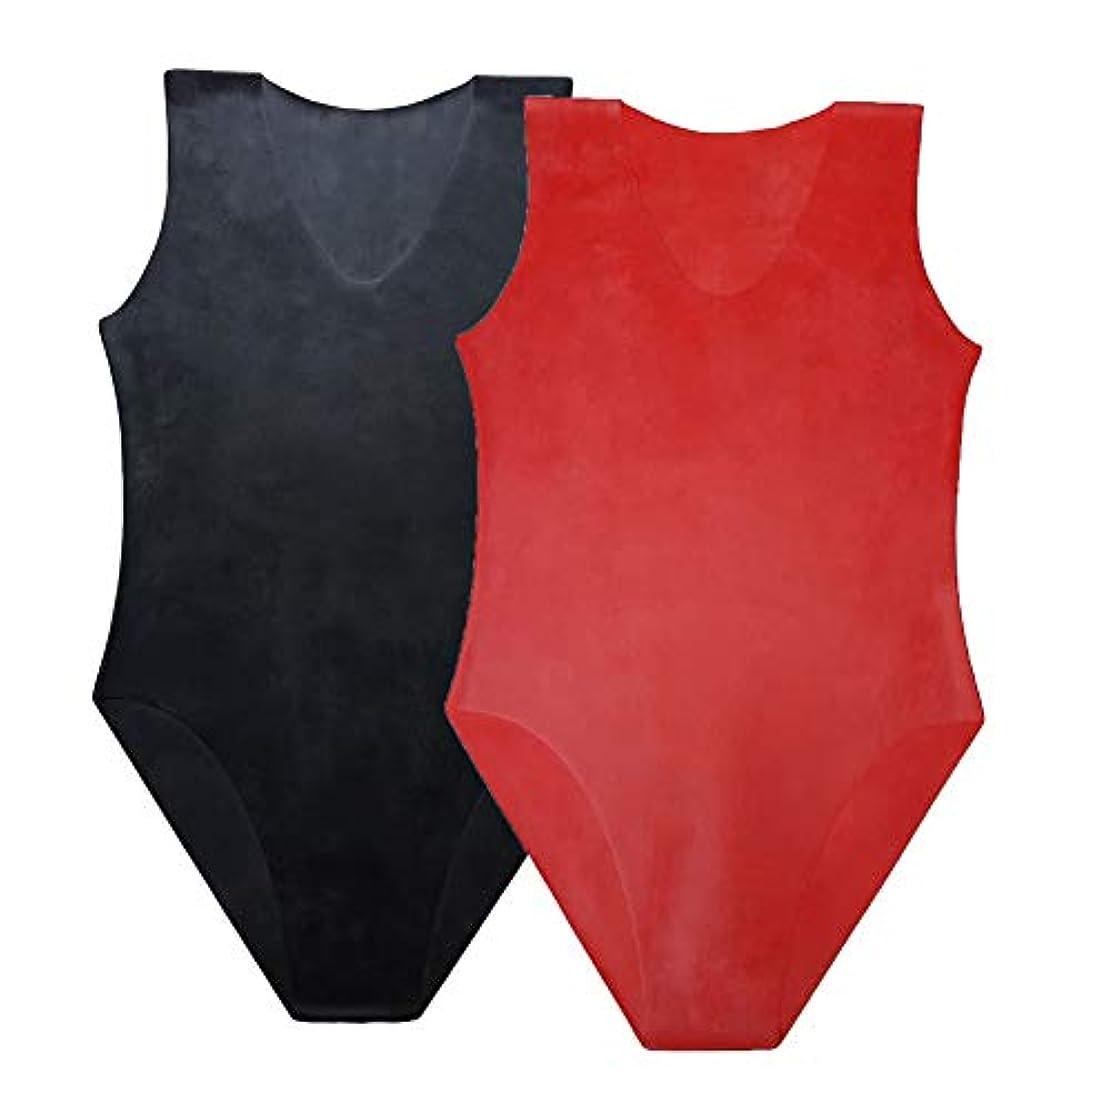 ステレオタイプにんじん解放EXLATEX ラテックス ボディスーツ 女性水着 ラテックス ラバー グミ レオタード ブラック ラテックス キャットスーツ